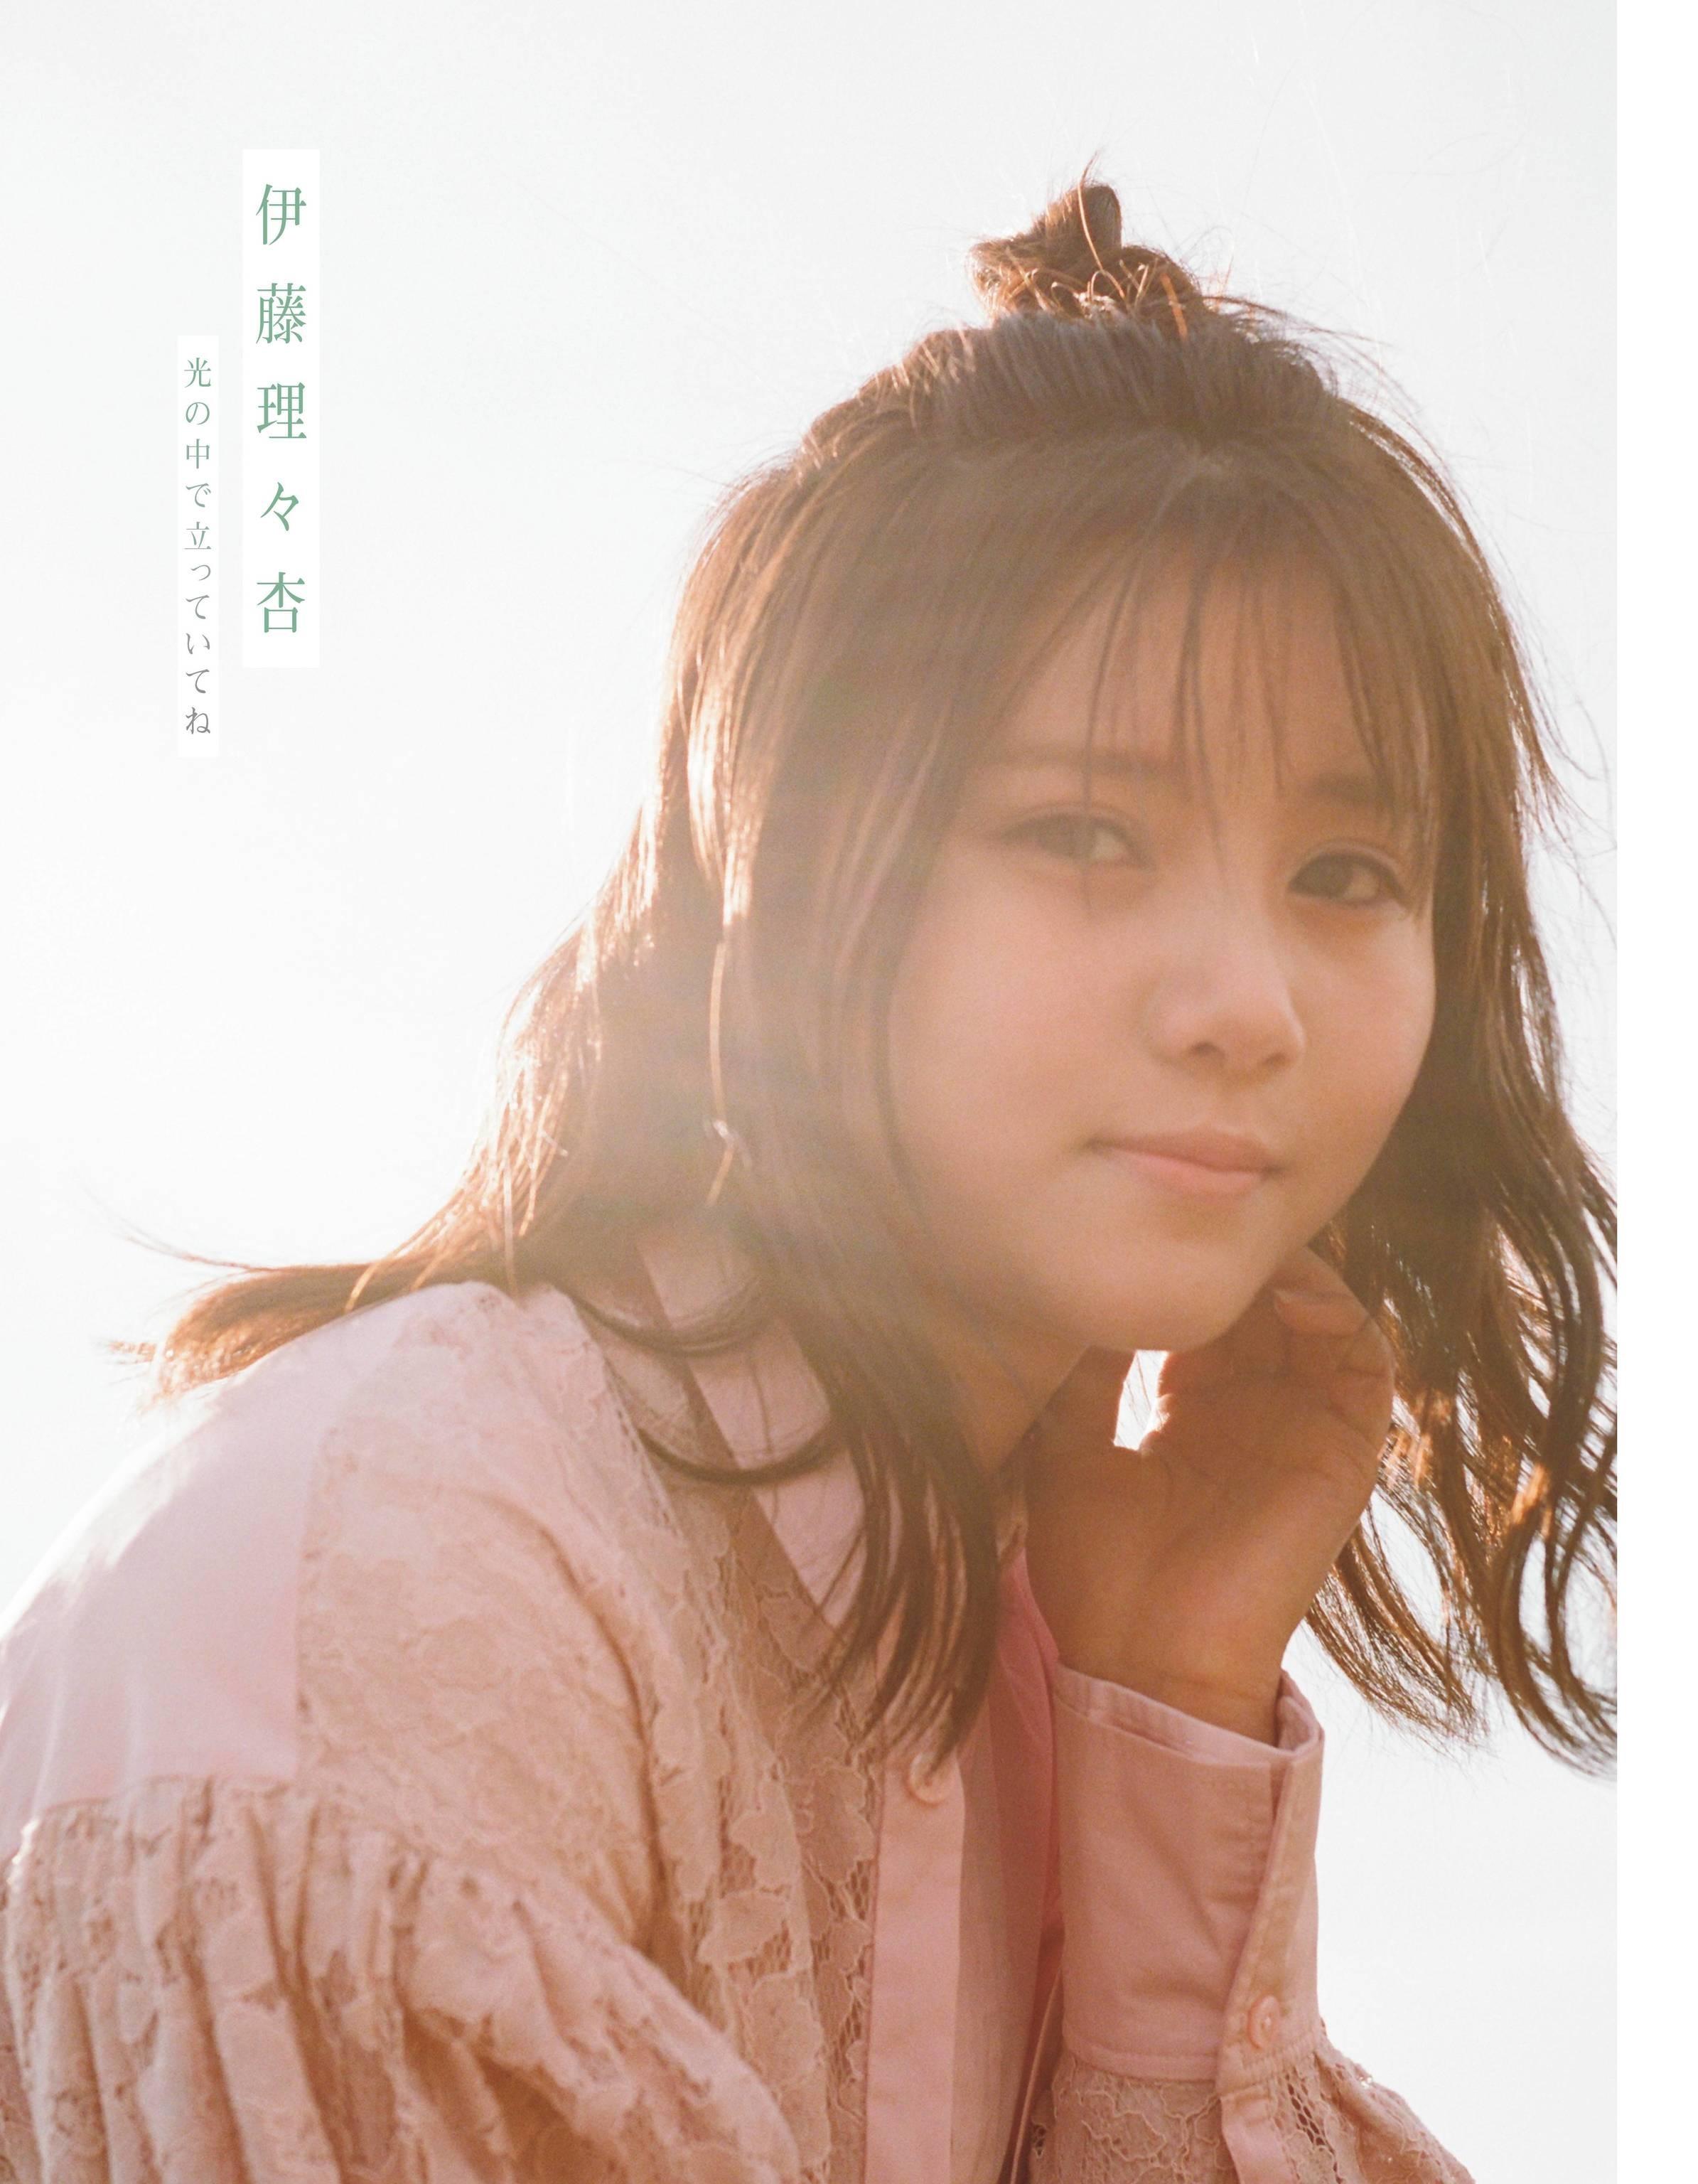 02-Riria Ito (2)